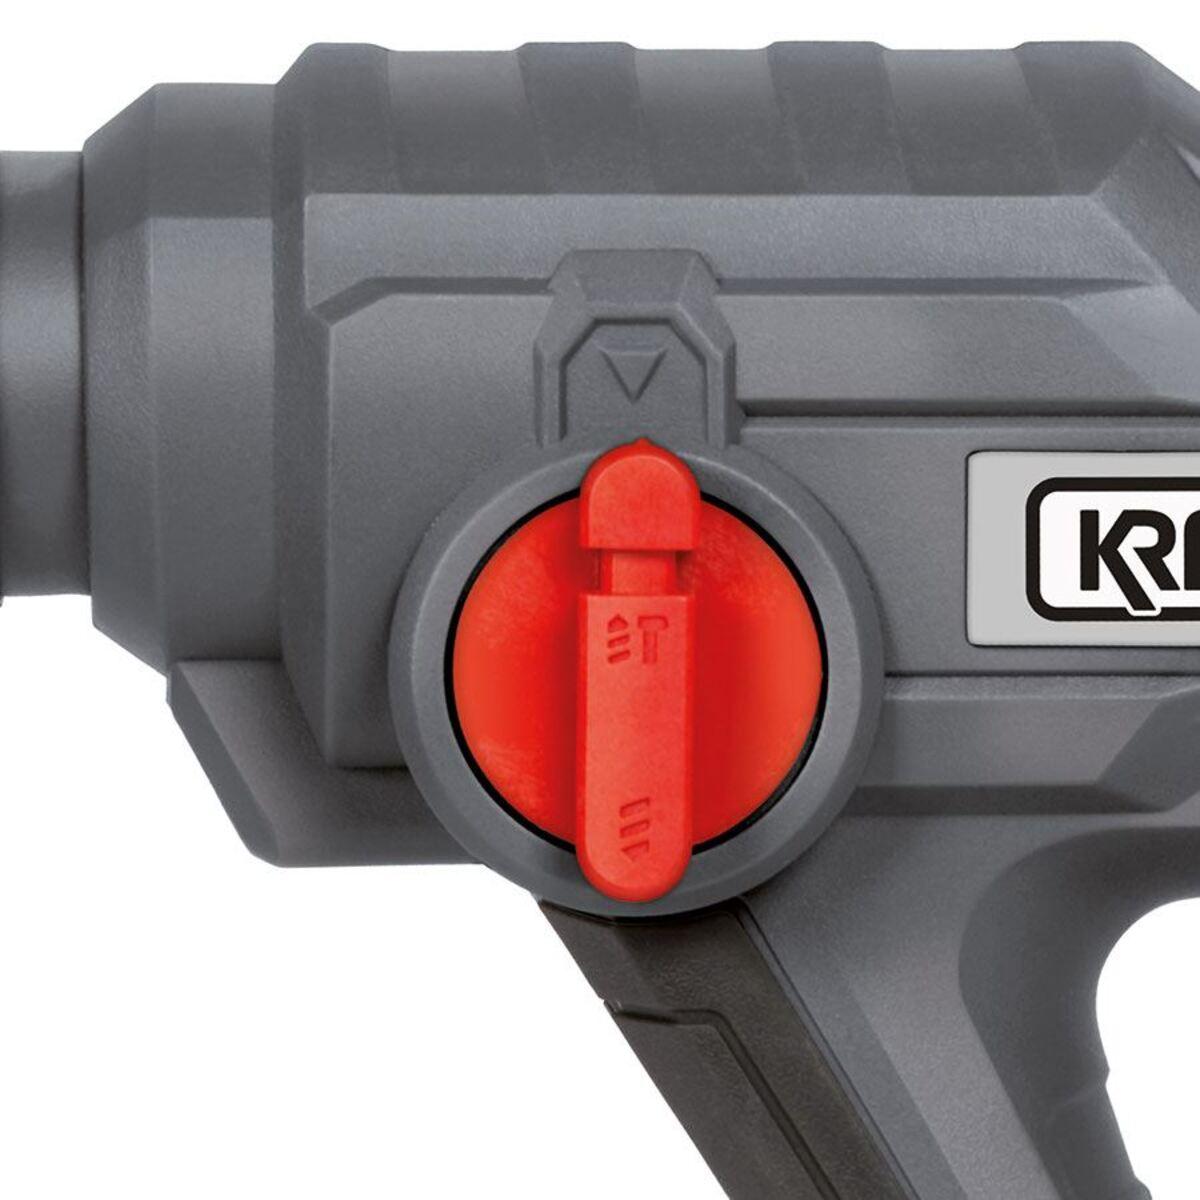 Bild 3 von KRAFTIXX Akku-Bohrhammer KX-BH 18 Li-Solo